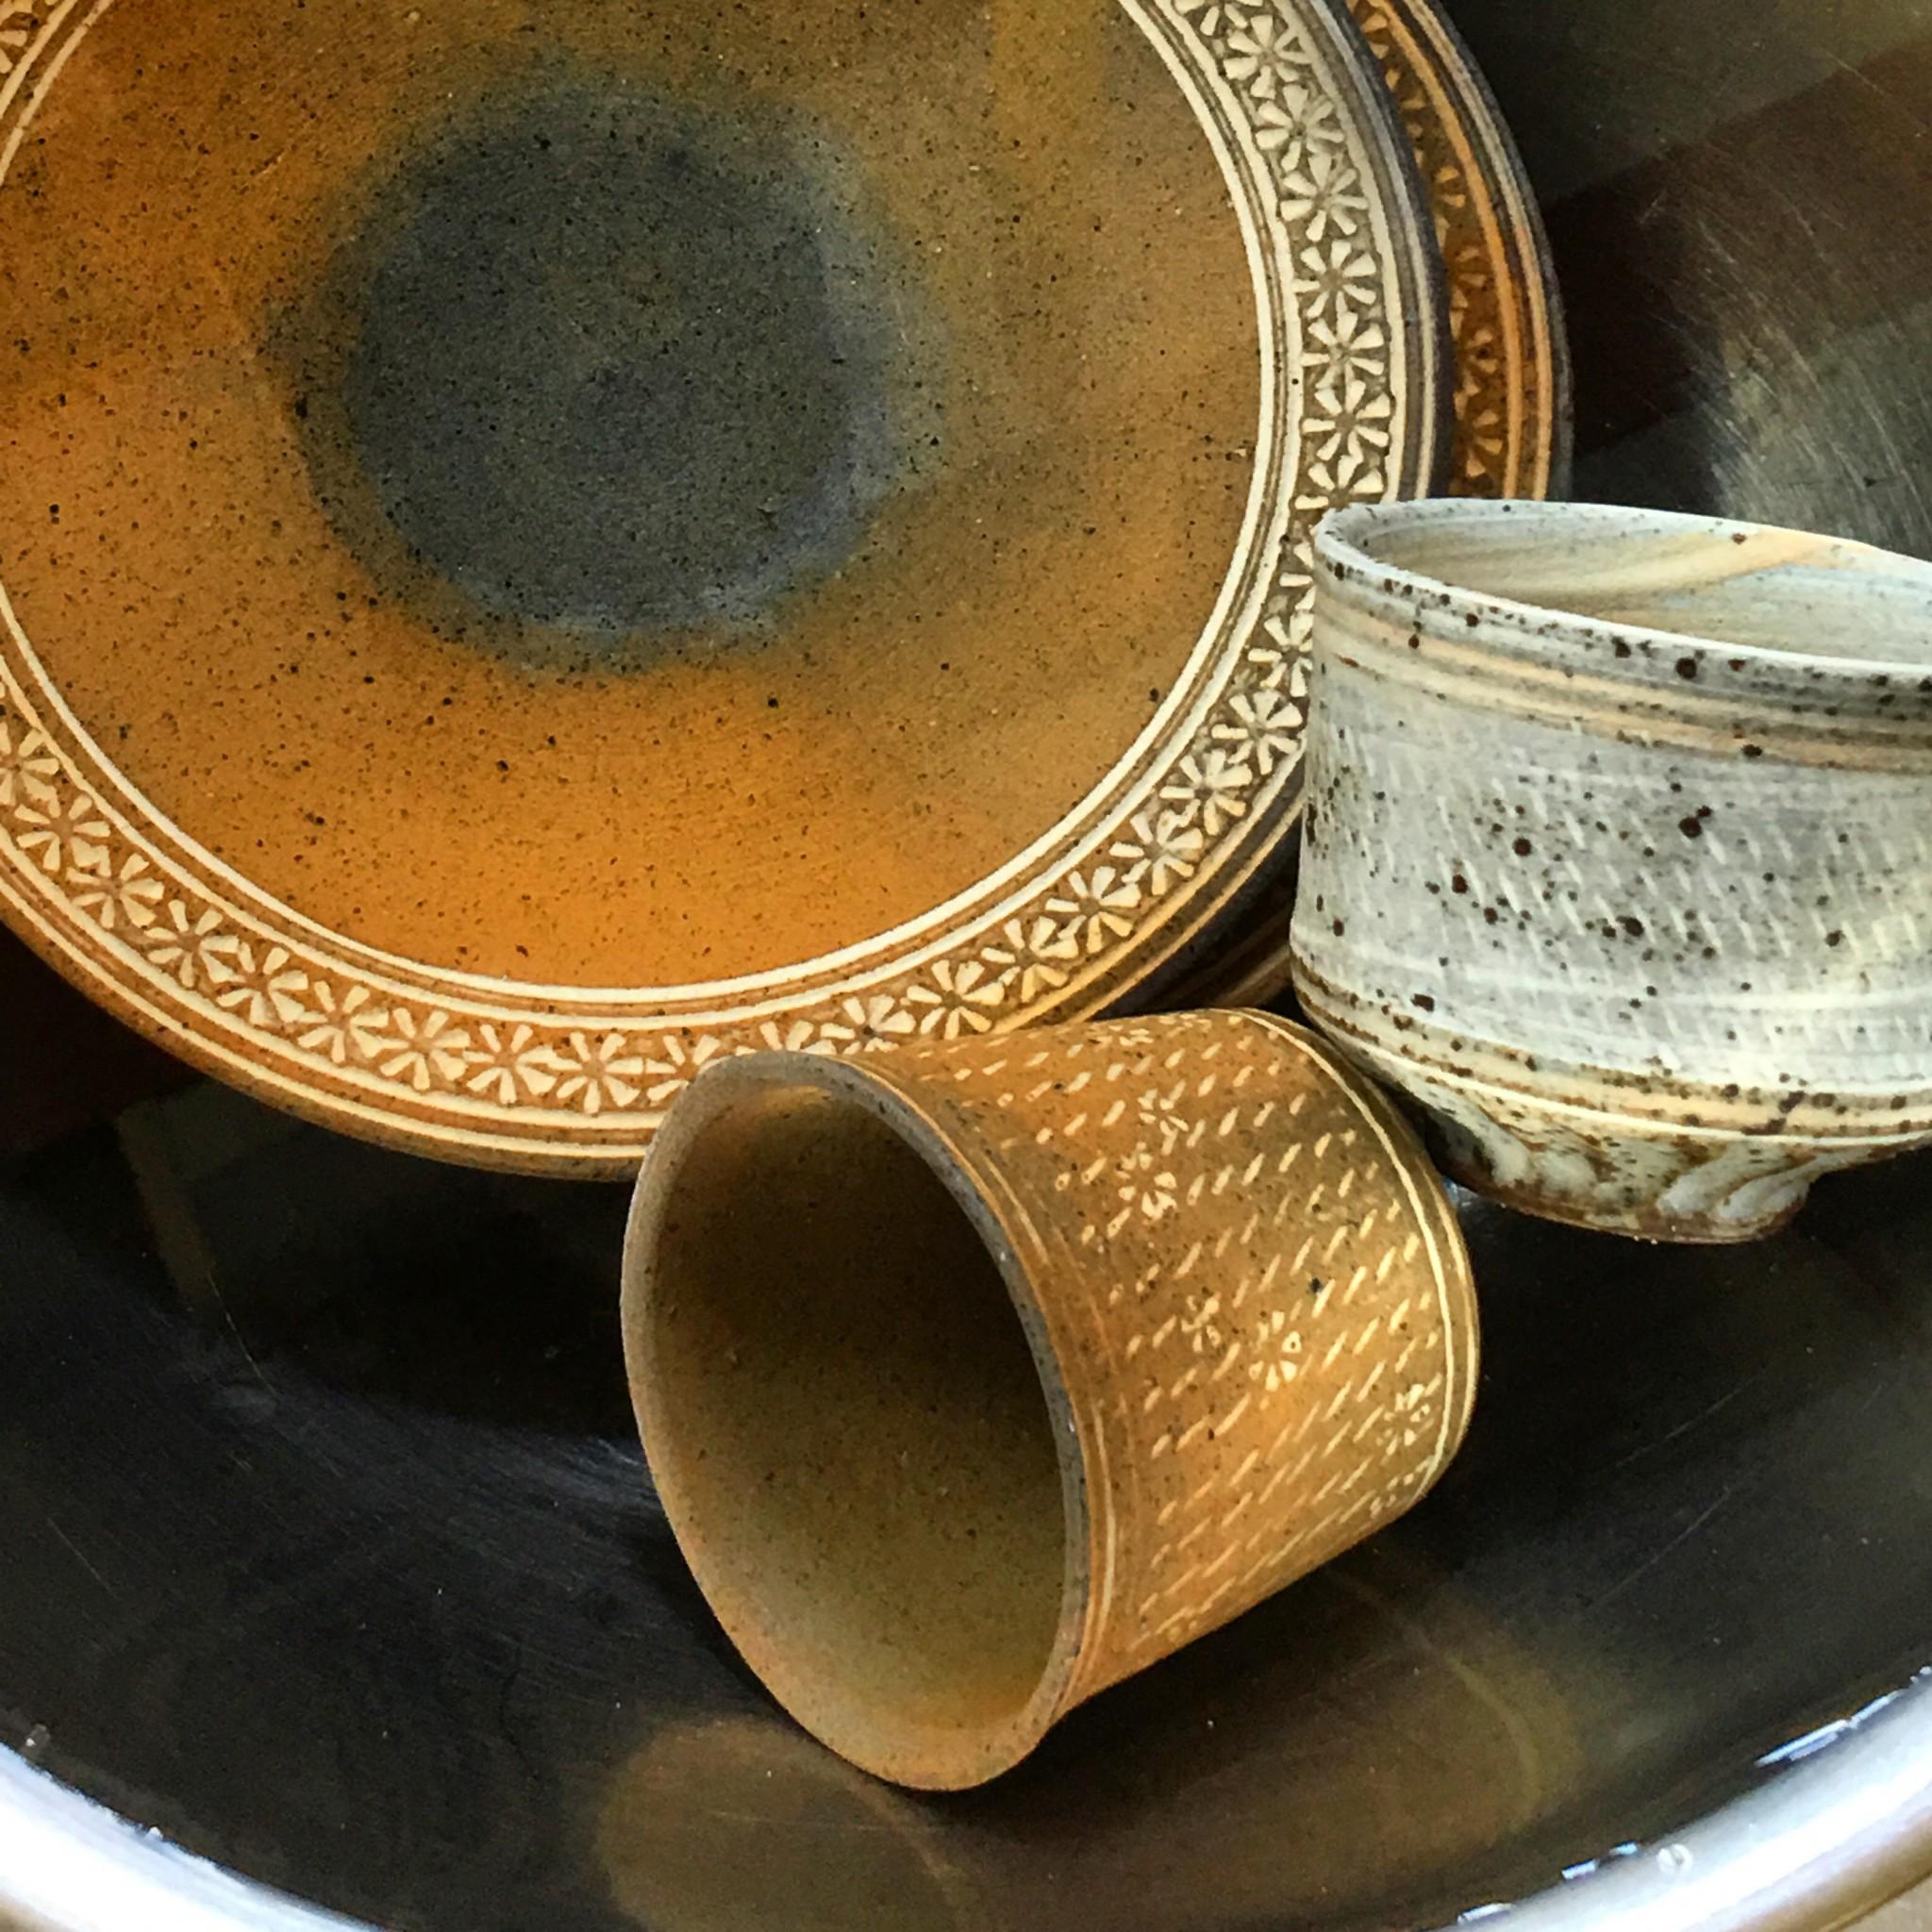 染み込み防止のために水に浸けた井銅心平さんの器たち☆